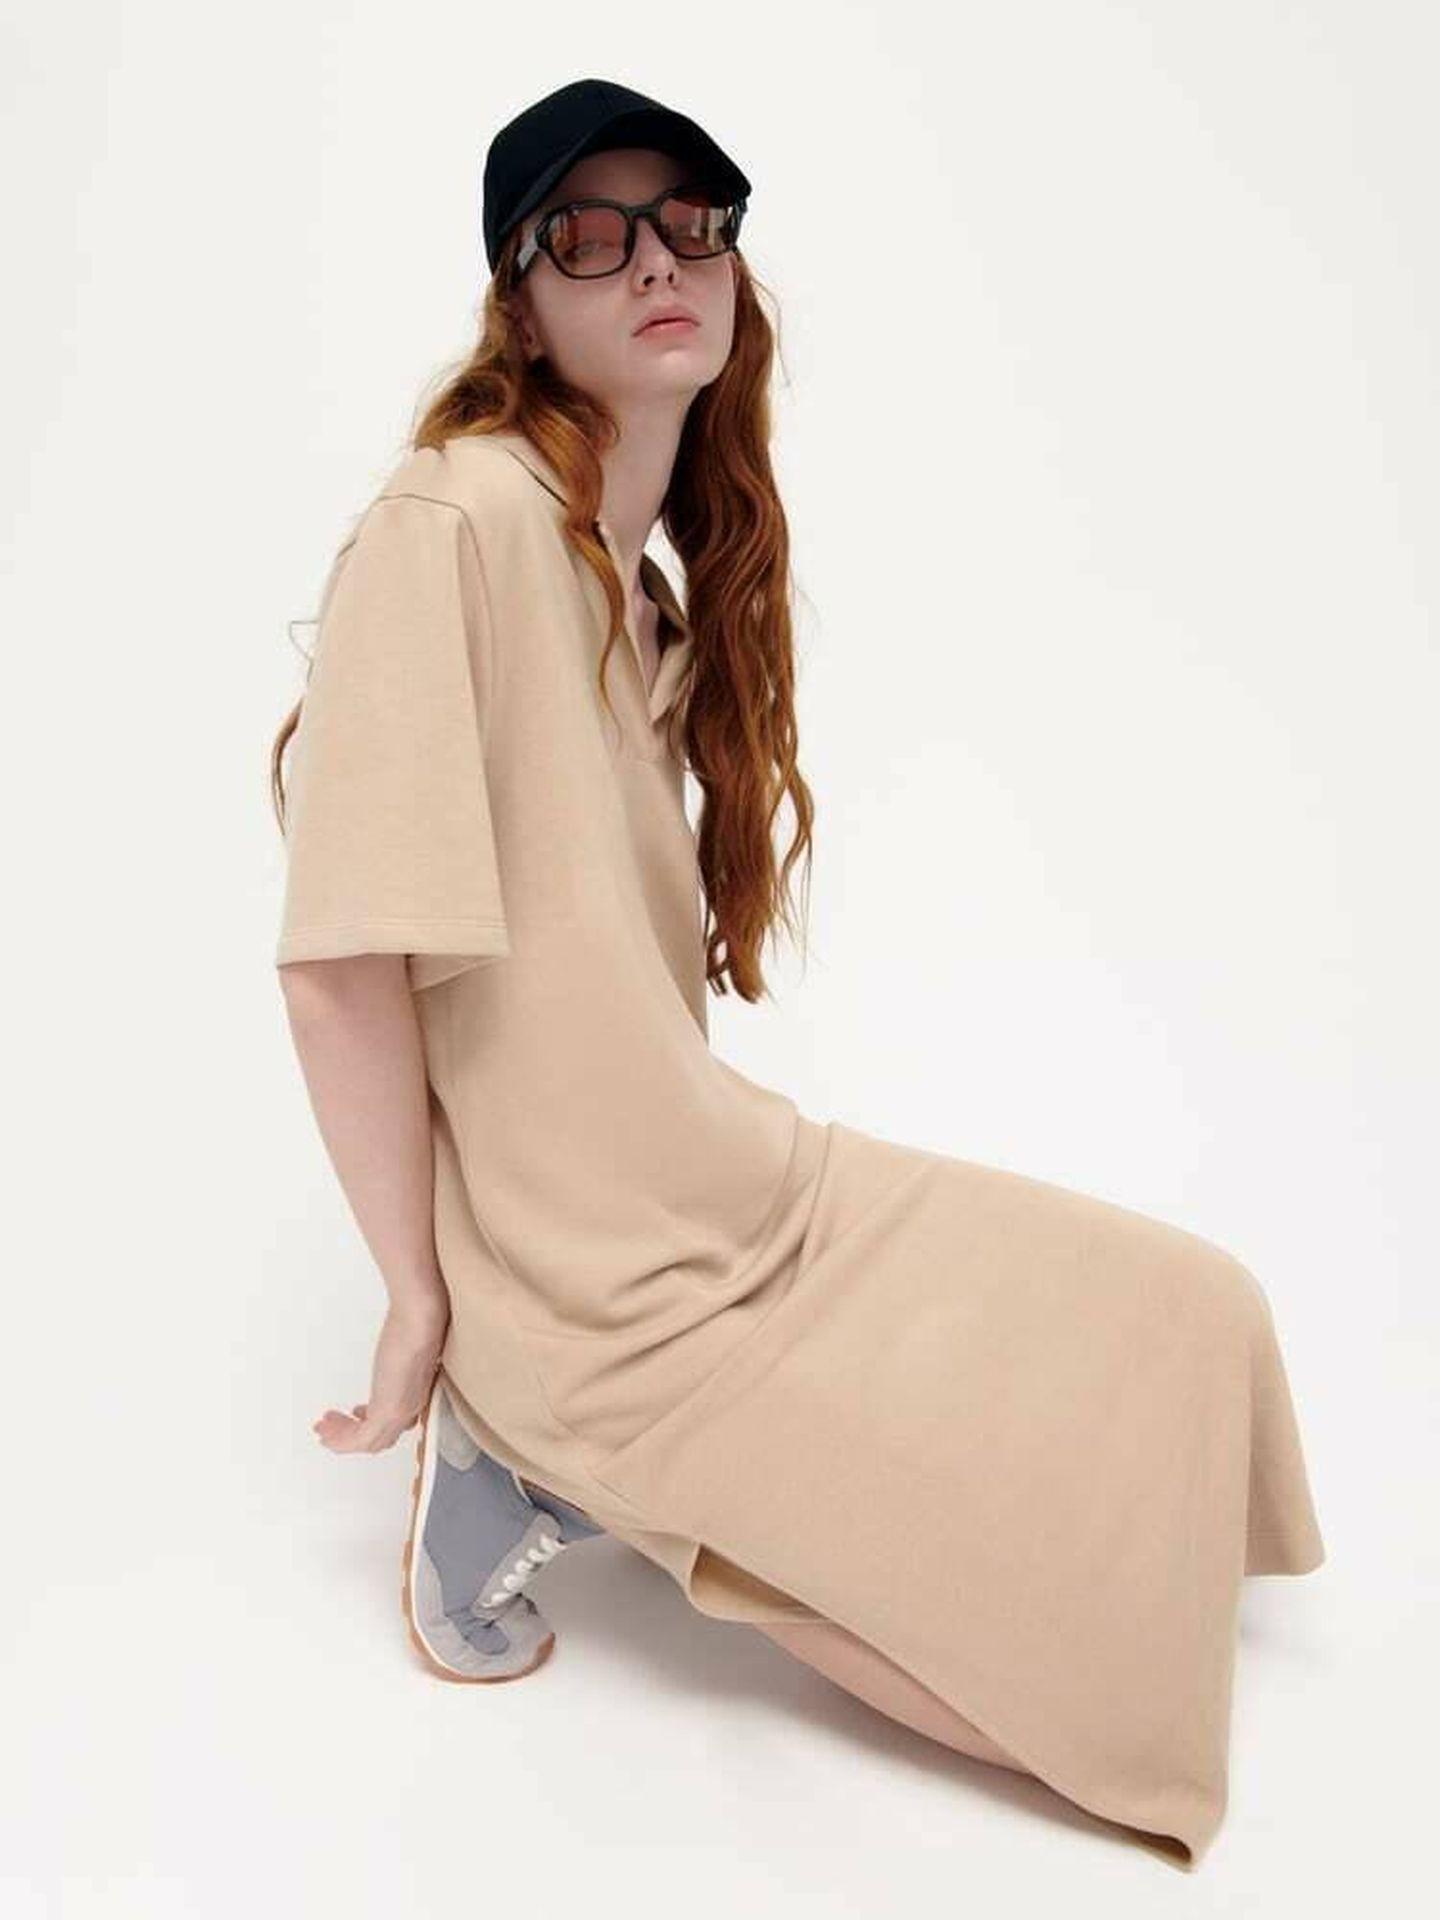 El nuevo vestido de Zara de color beige. (Cortesía)